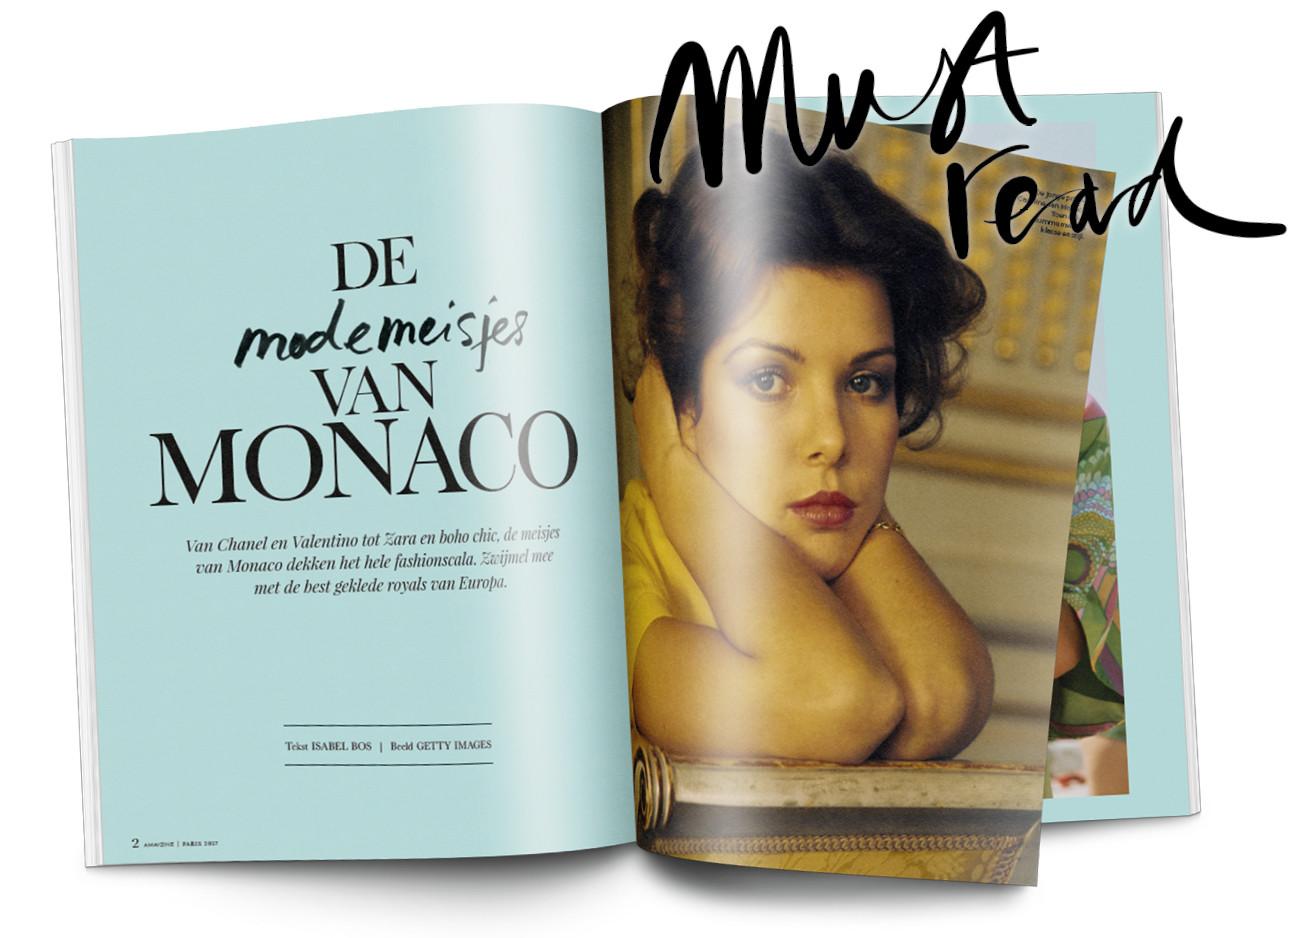 beeld uit het magazine van monaco